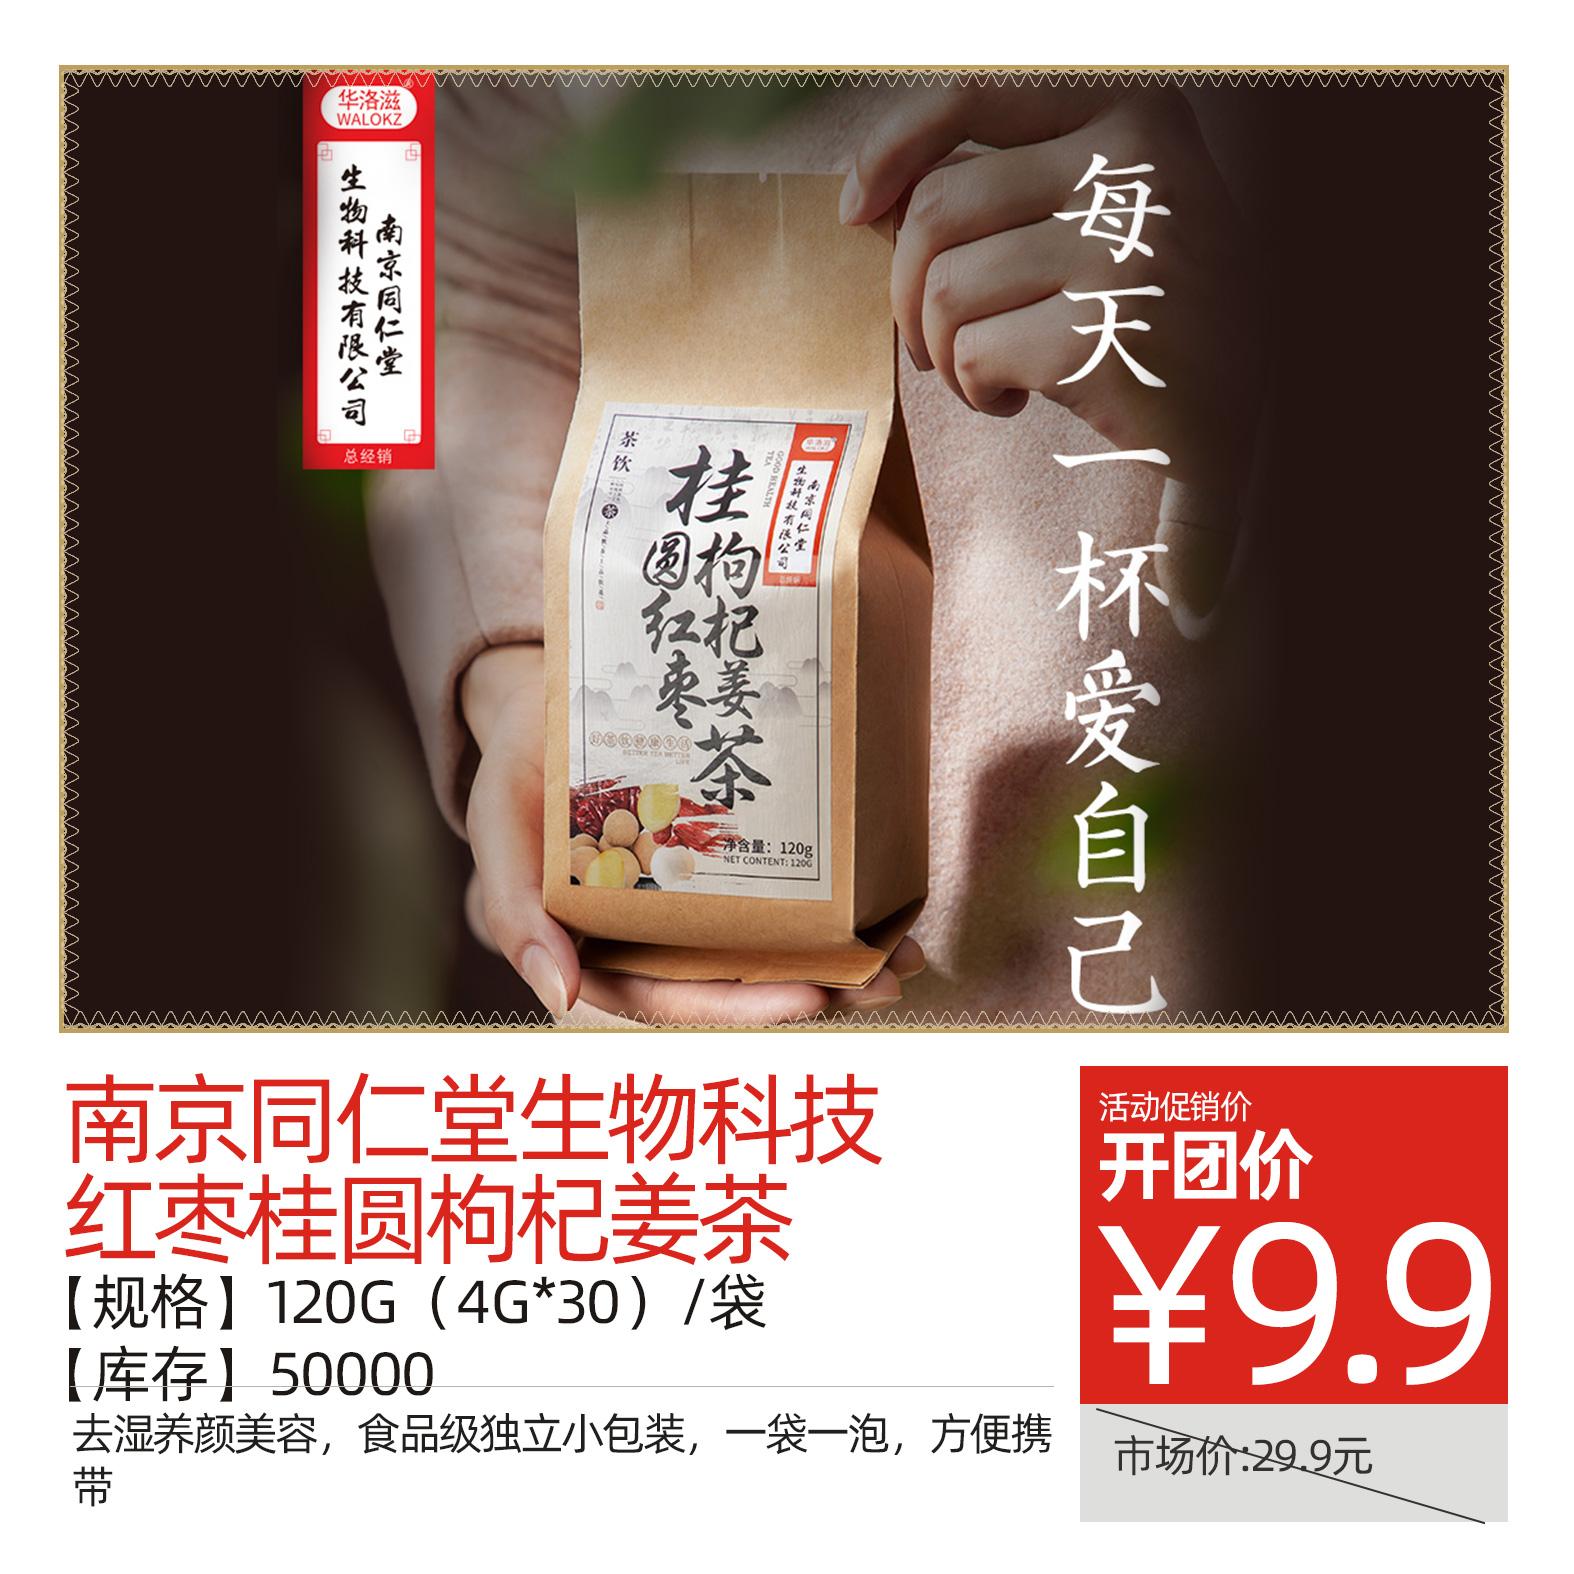 南京同仁堂生物科技红枣桂圆枸杞姜茶